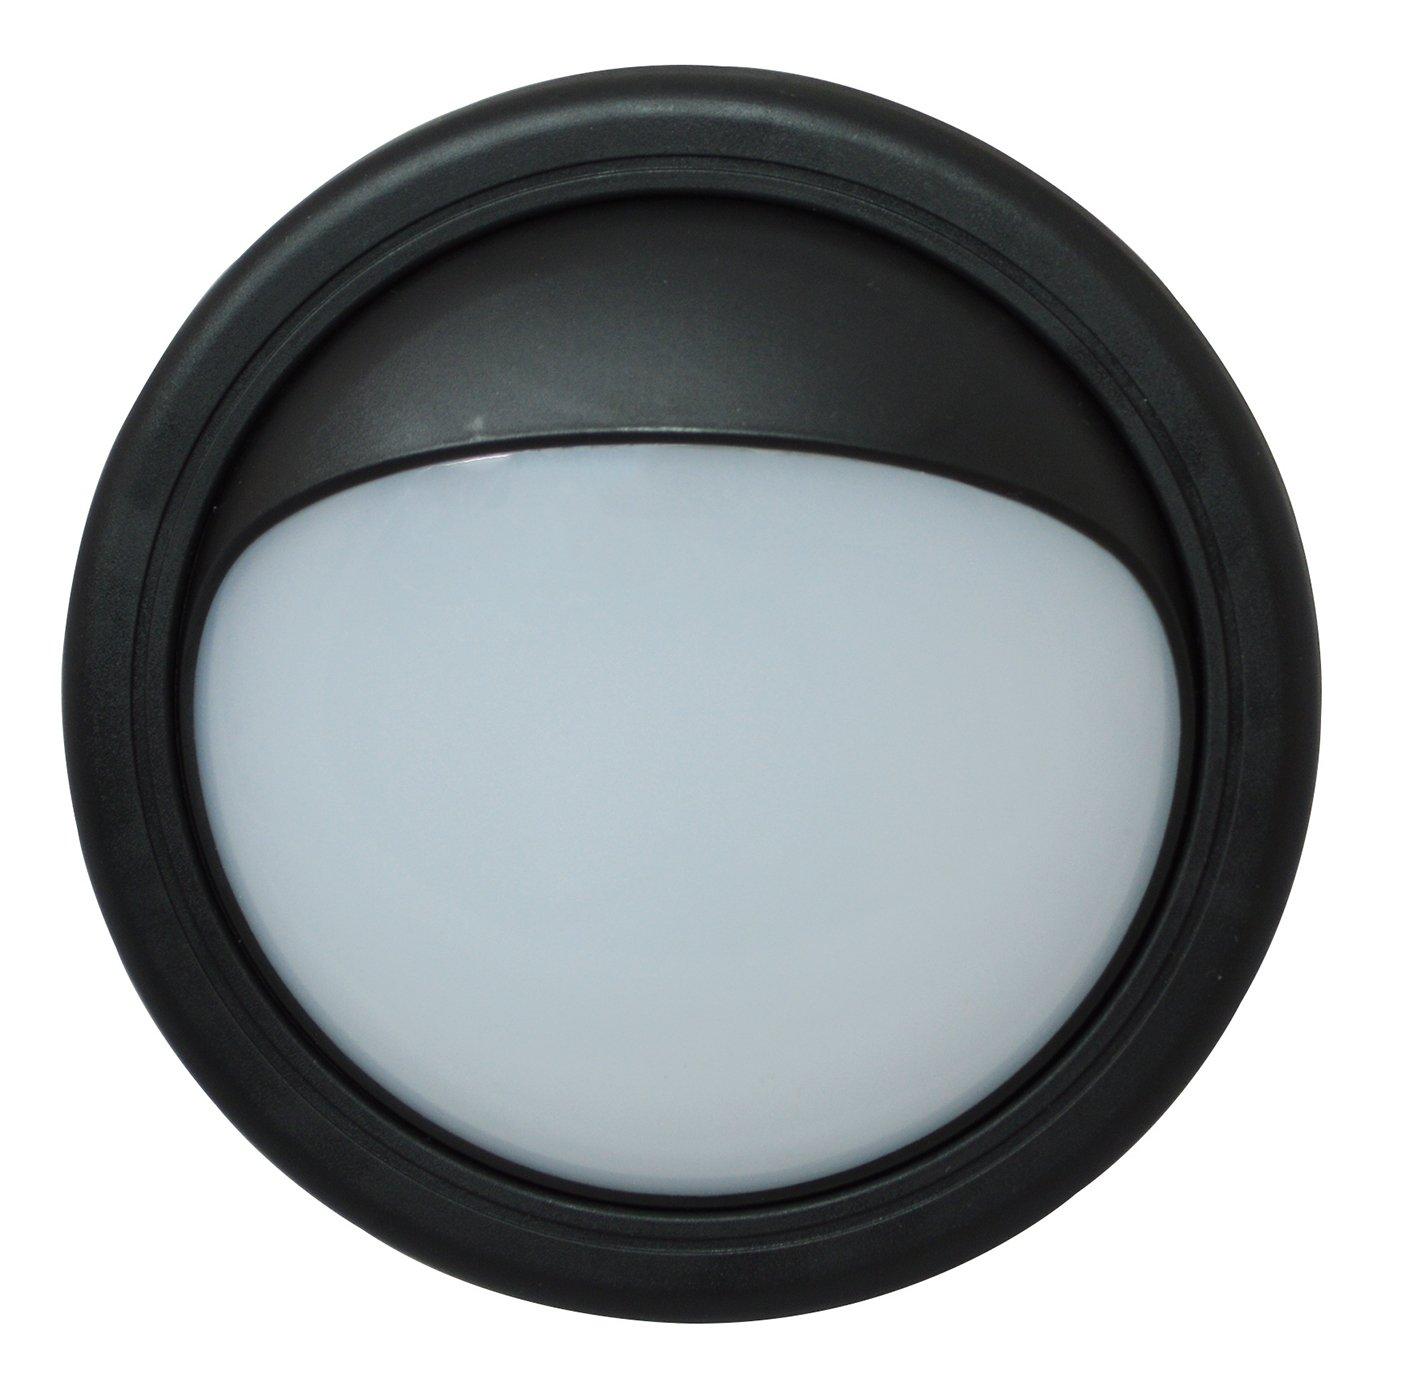 Tibelec 341820 lámpara ojo de buey, LED exterior con visera extraíble de plástico, 11 W, color negro.: Amazon.es: Iluminación